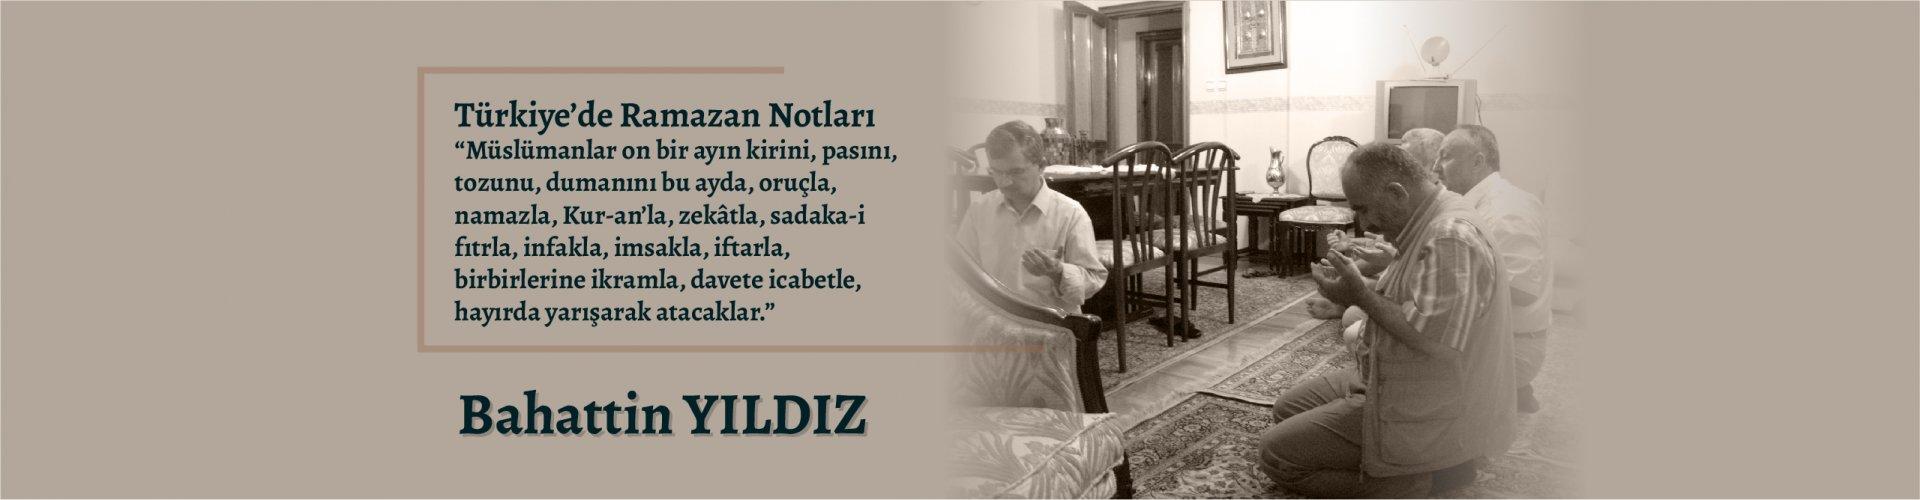 Türkiyede ramazan notları